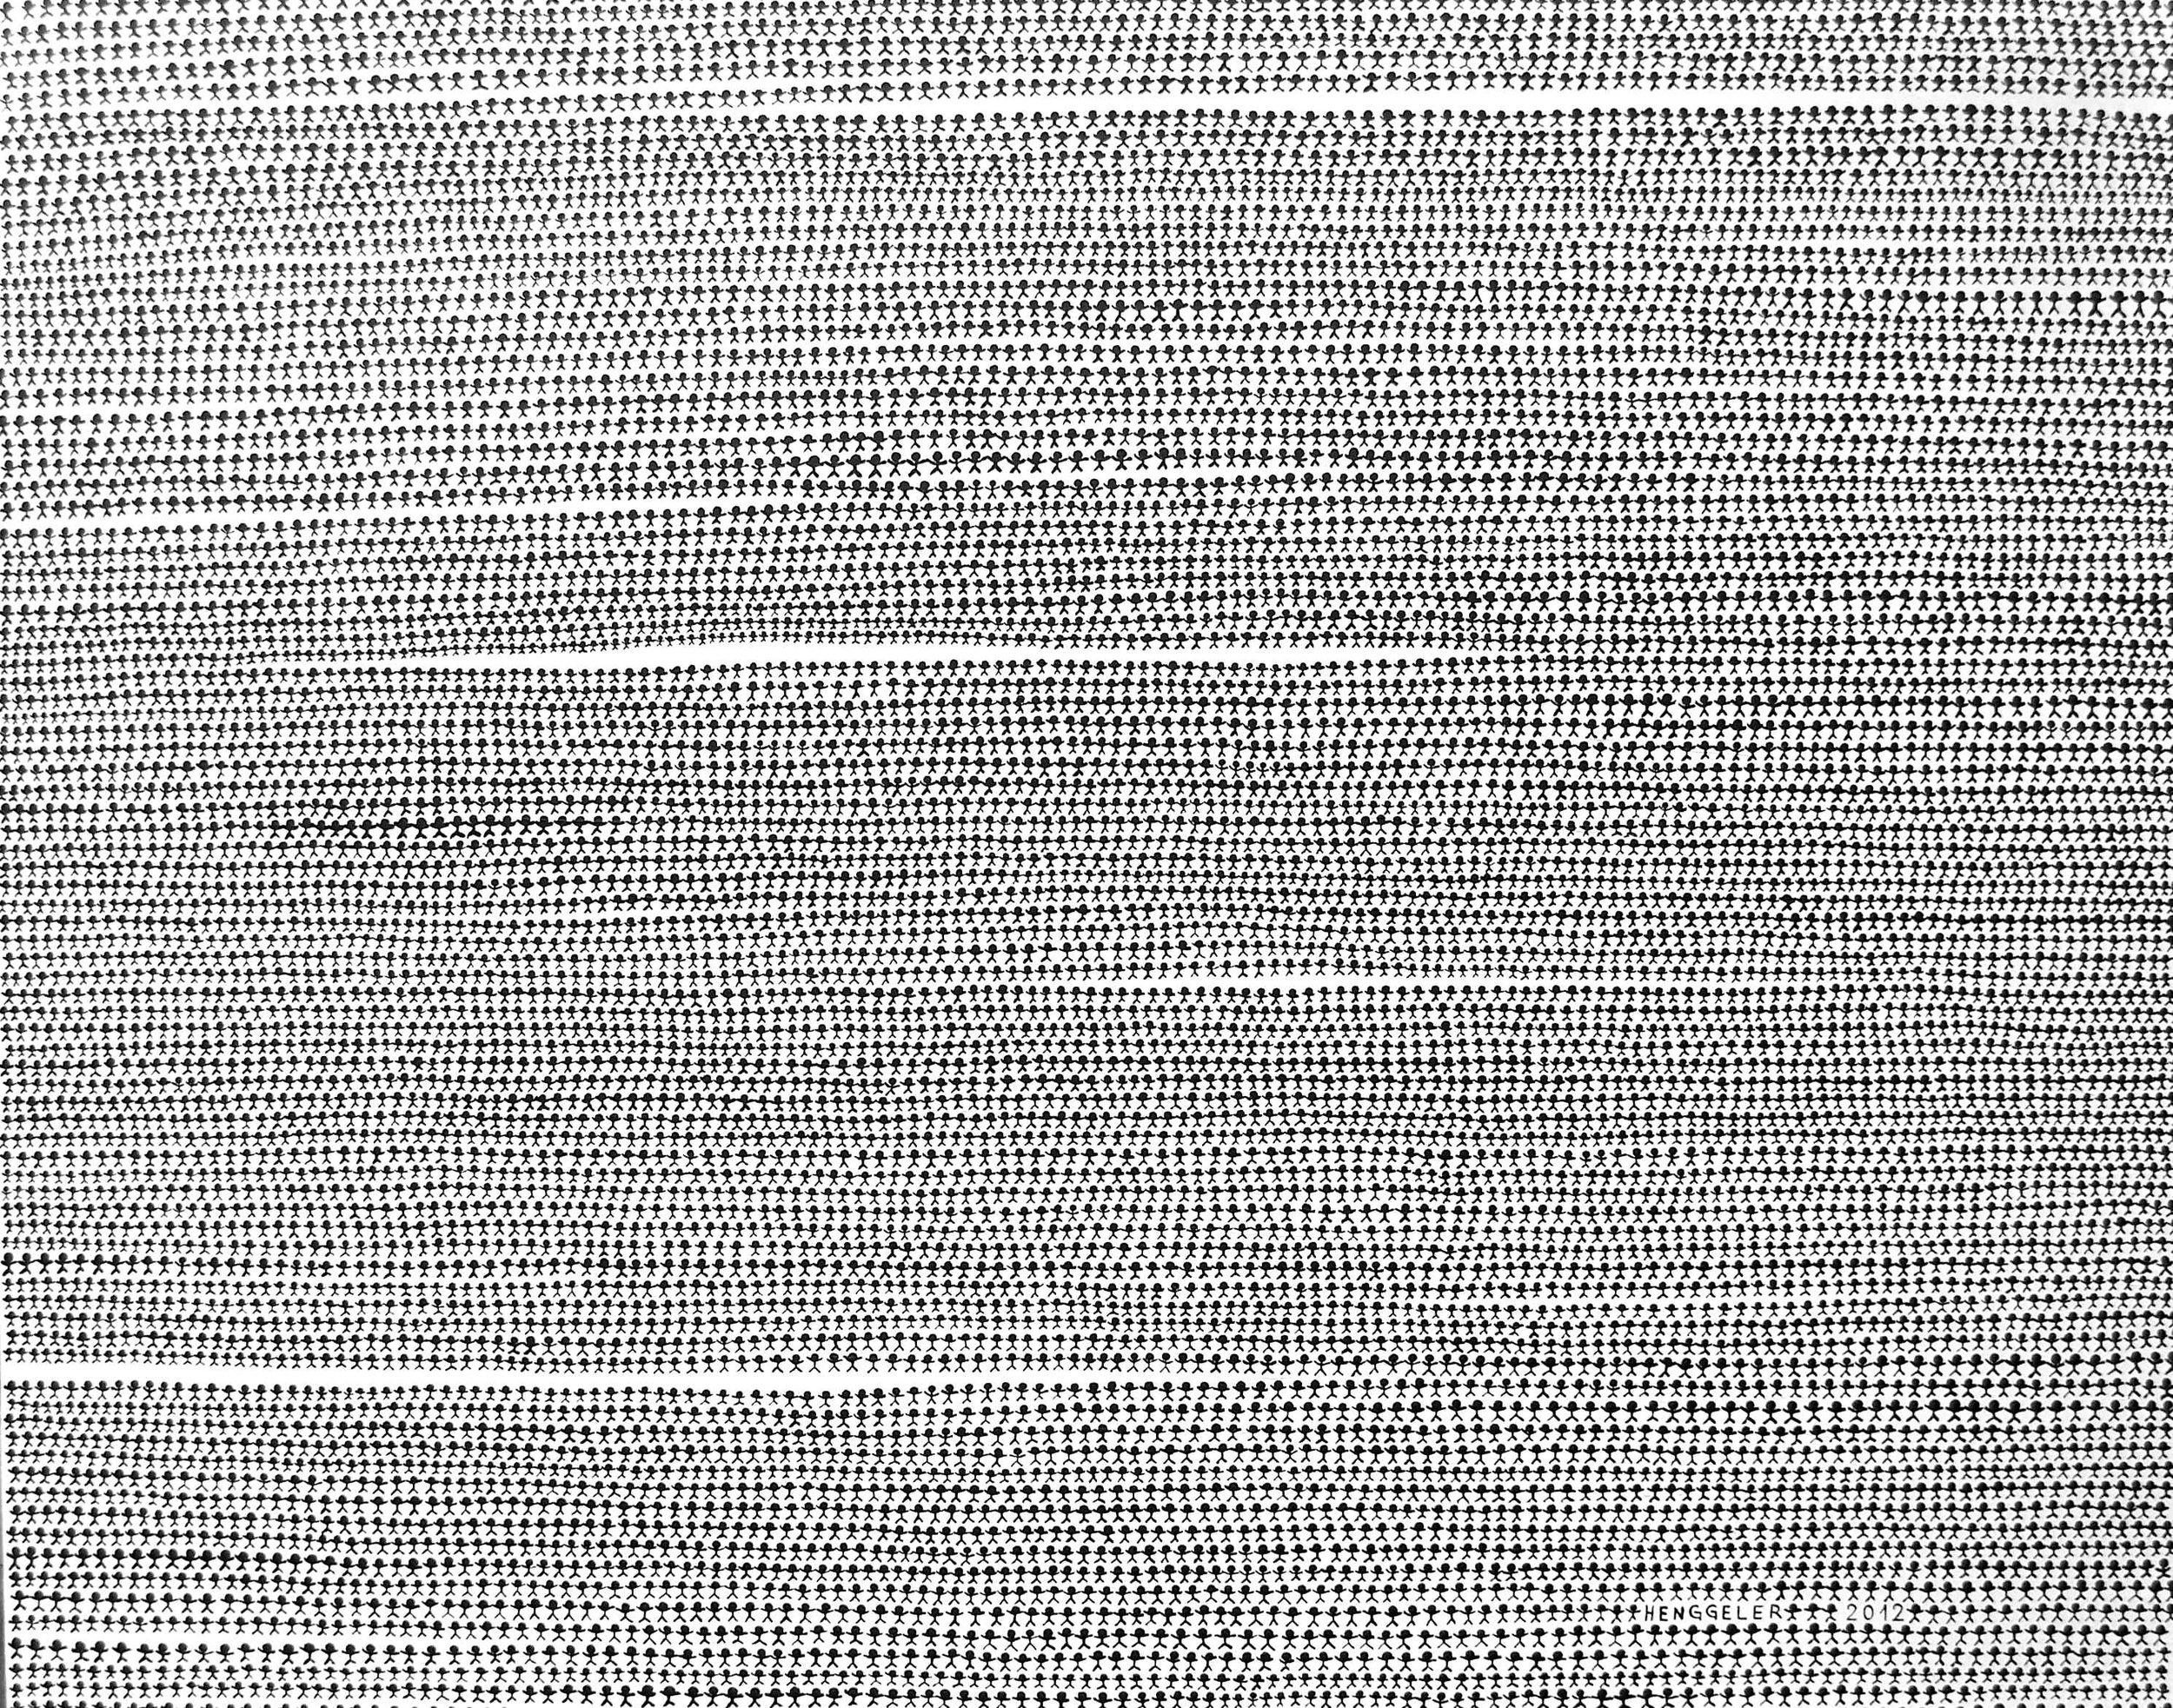 HUMAN MONOCHROME (monochrome humain)  acrylique sur toile, 150x120cm  VENDU